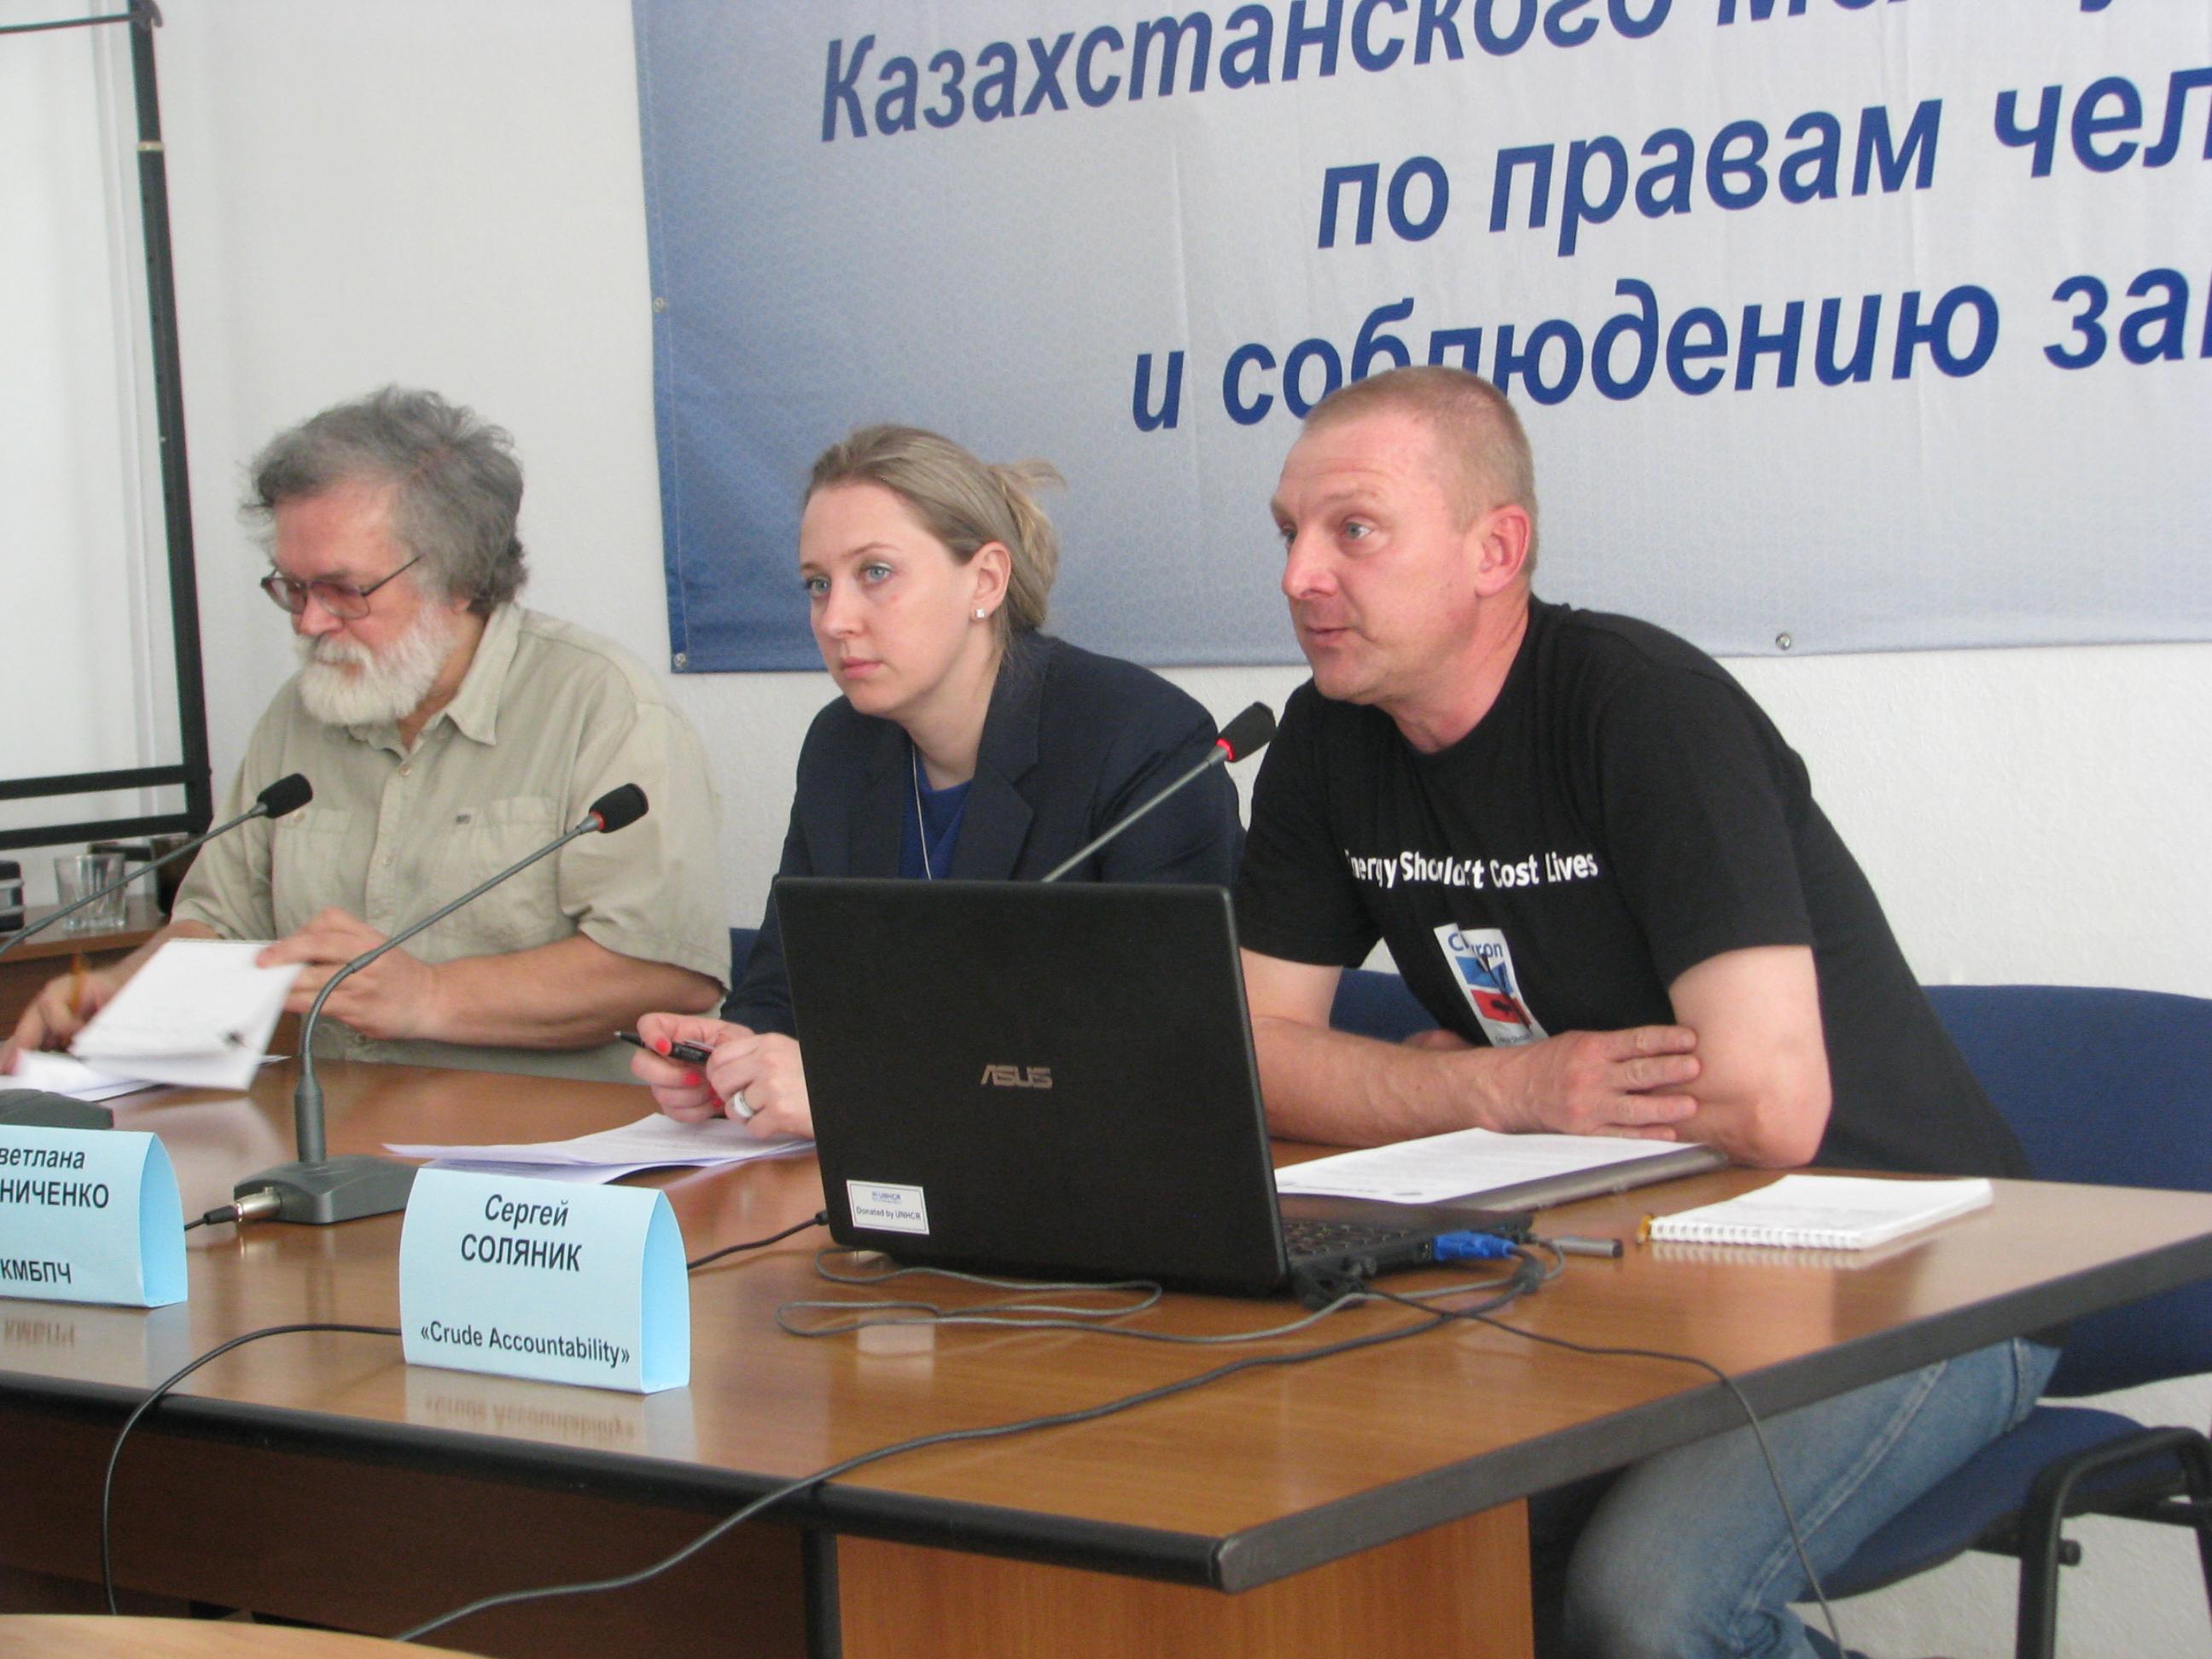 Соляник Куратов Хижниченко